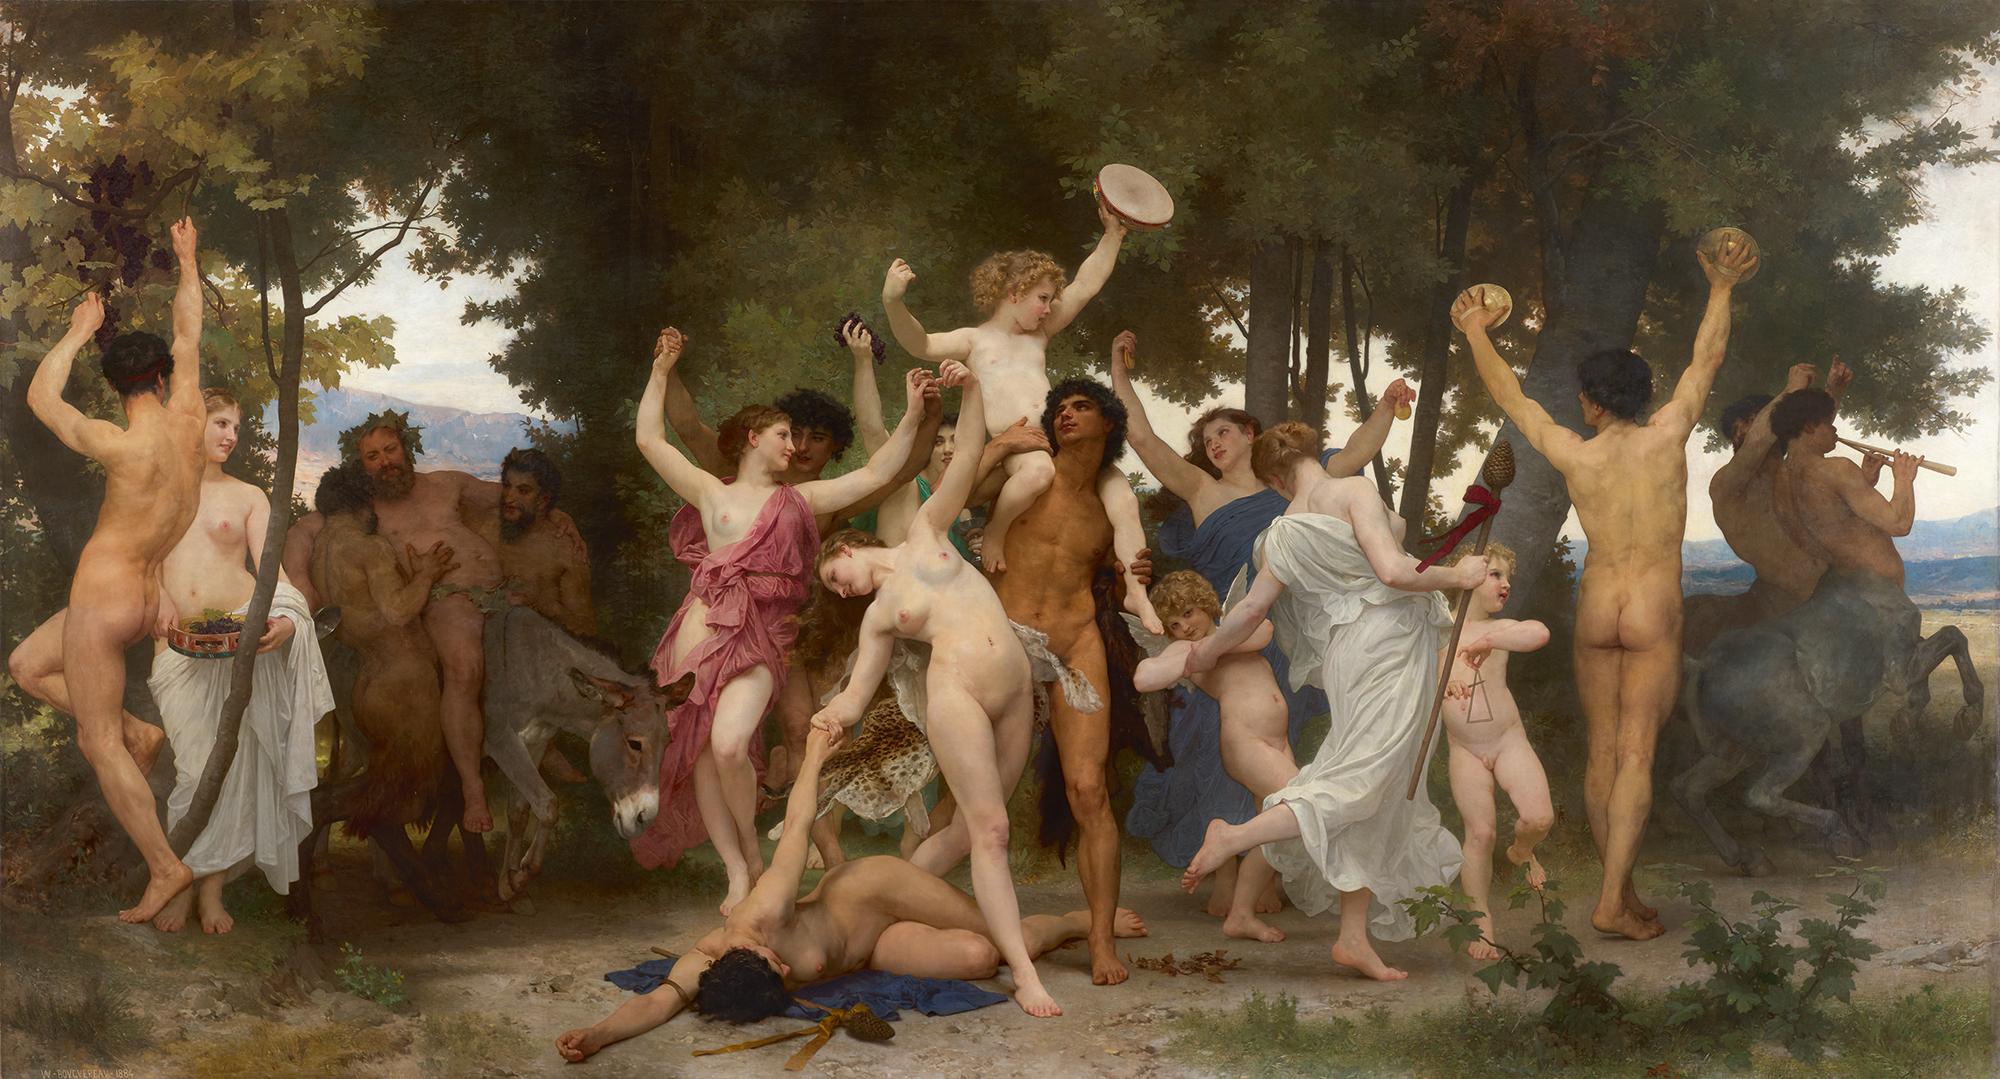 La Jeunesse de Bacchus, William Bouguereau. Oil on canvas, 1884. Image: Sotheby's